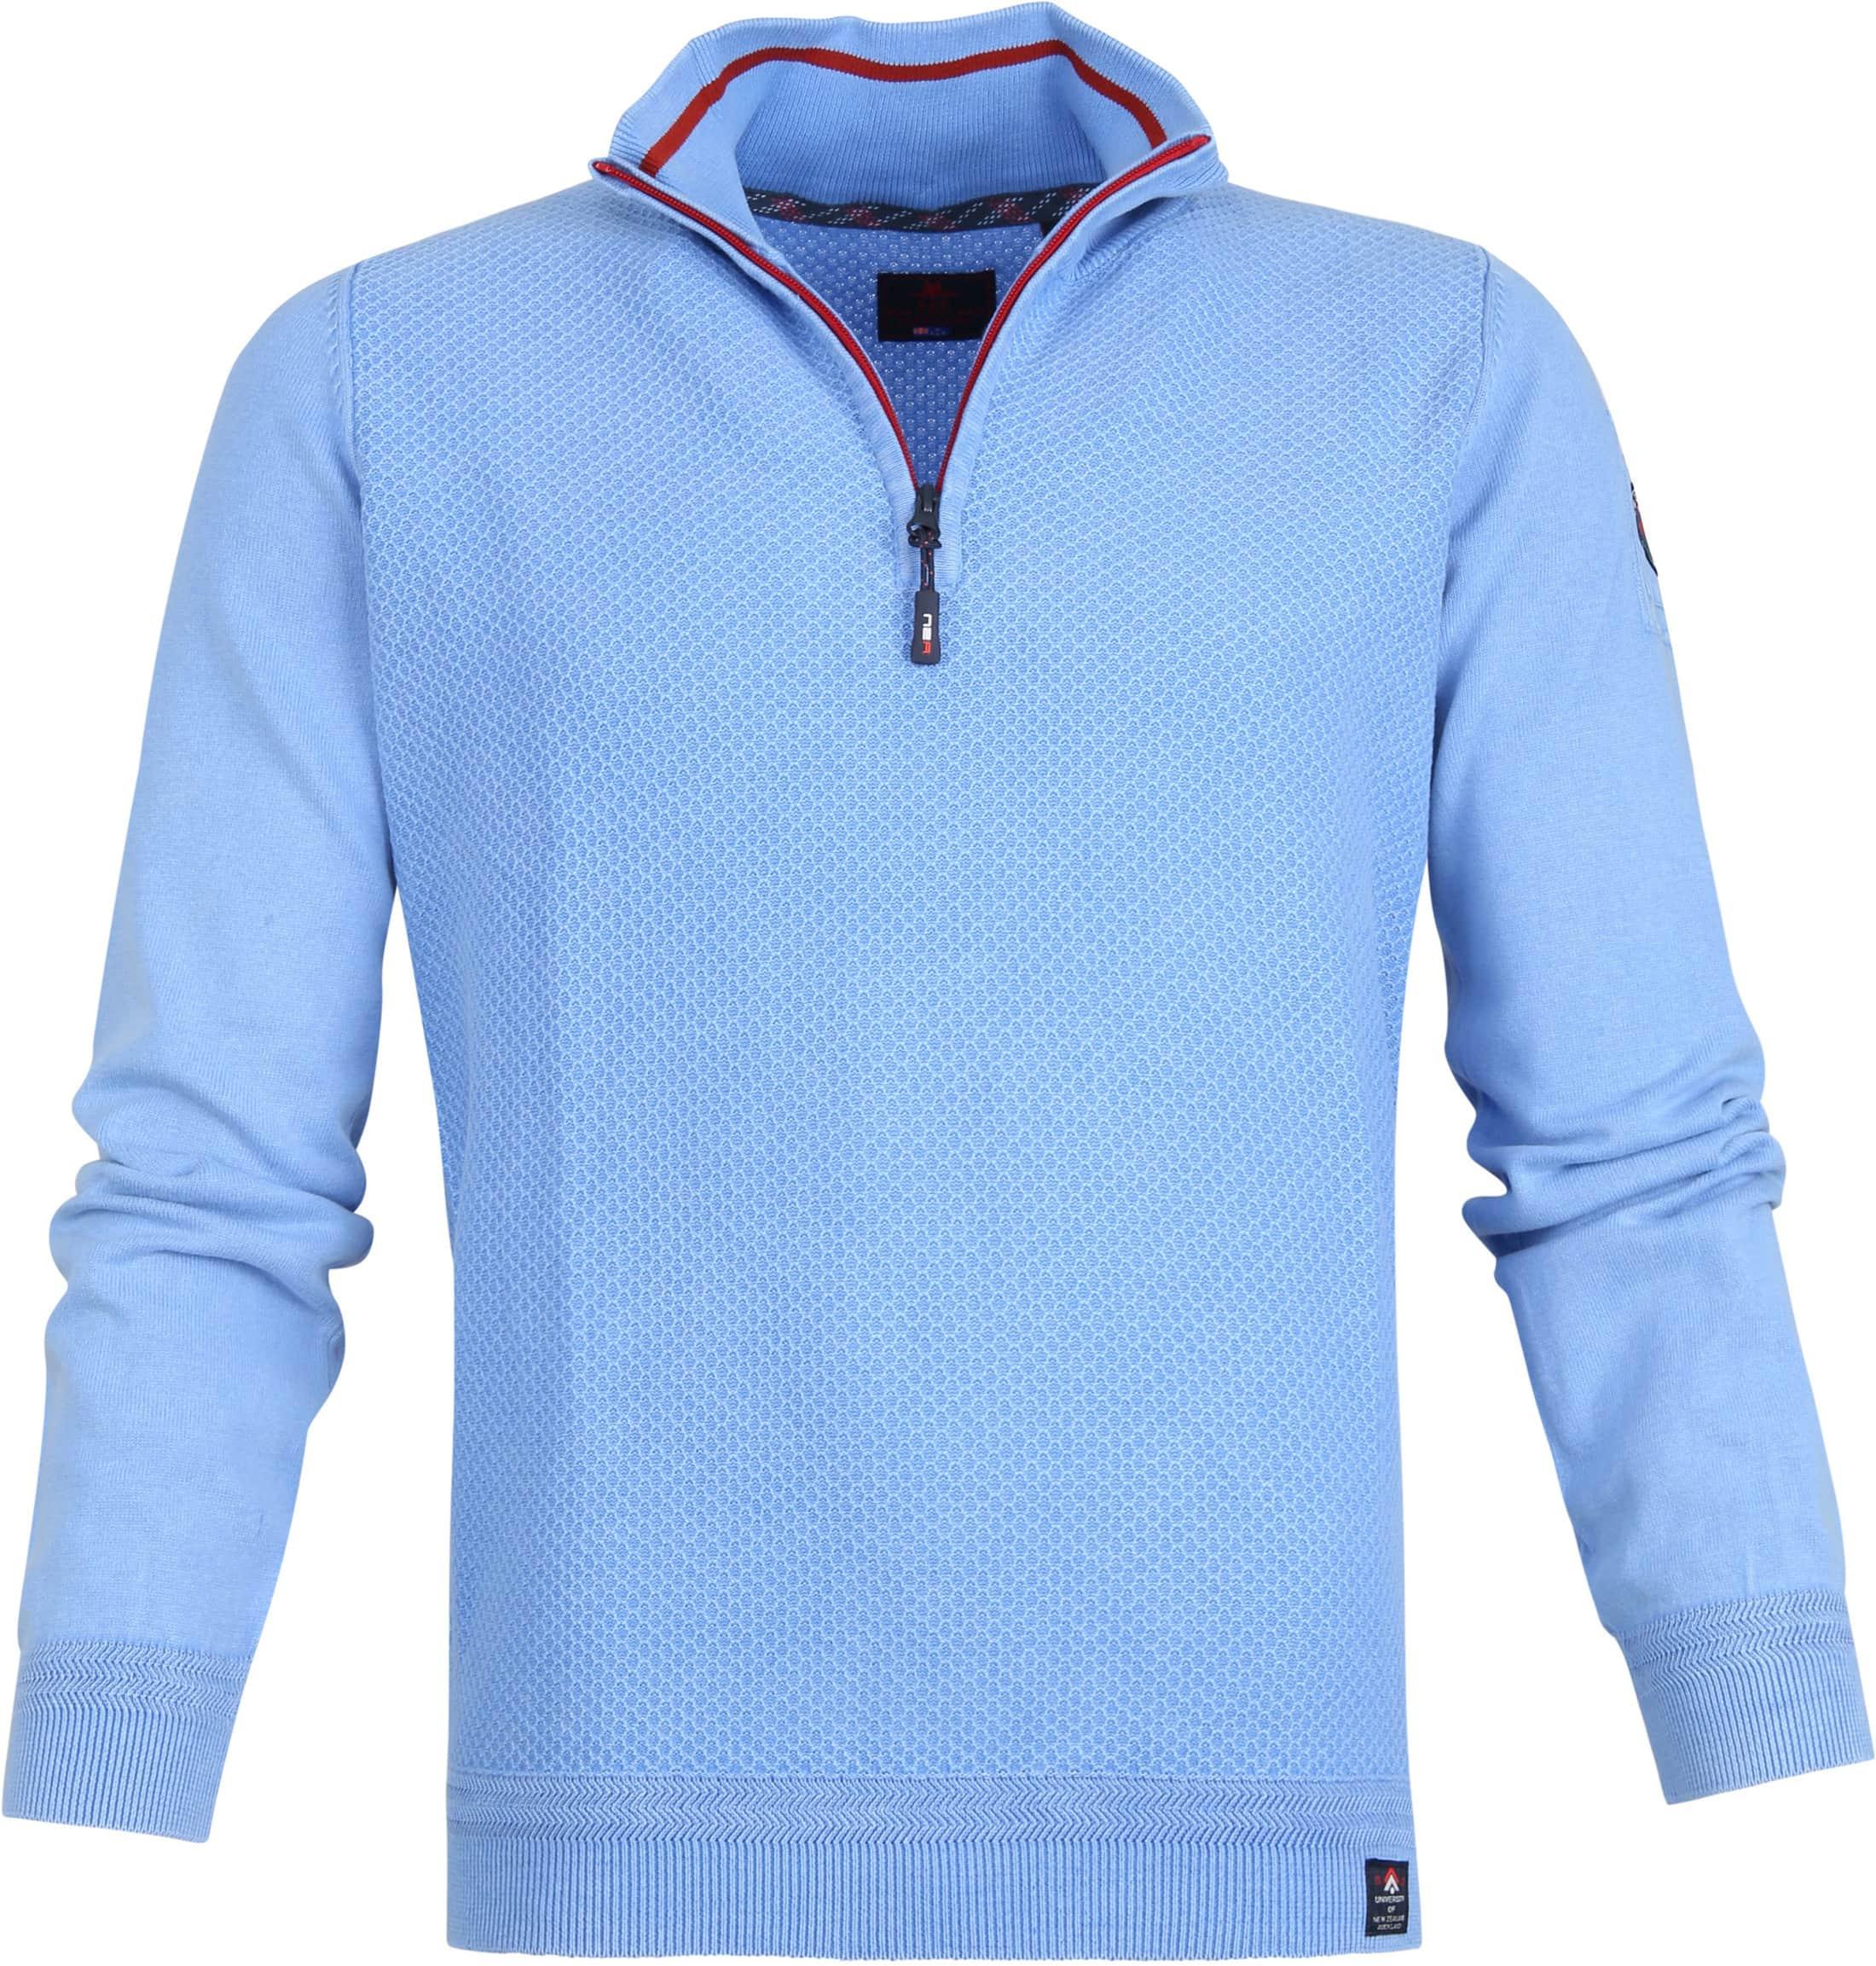 NZA Waihara Zipper Blue foto 0